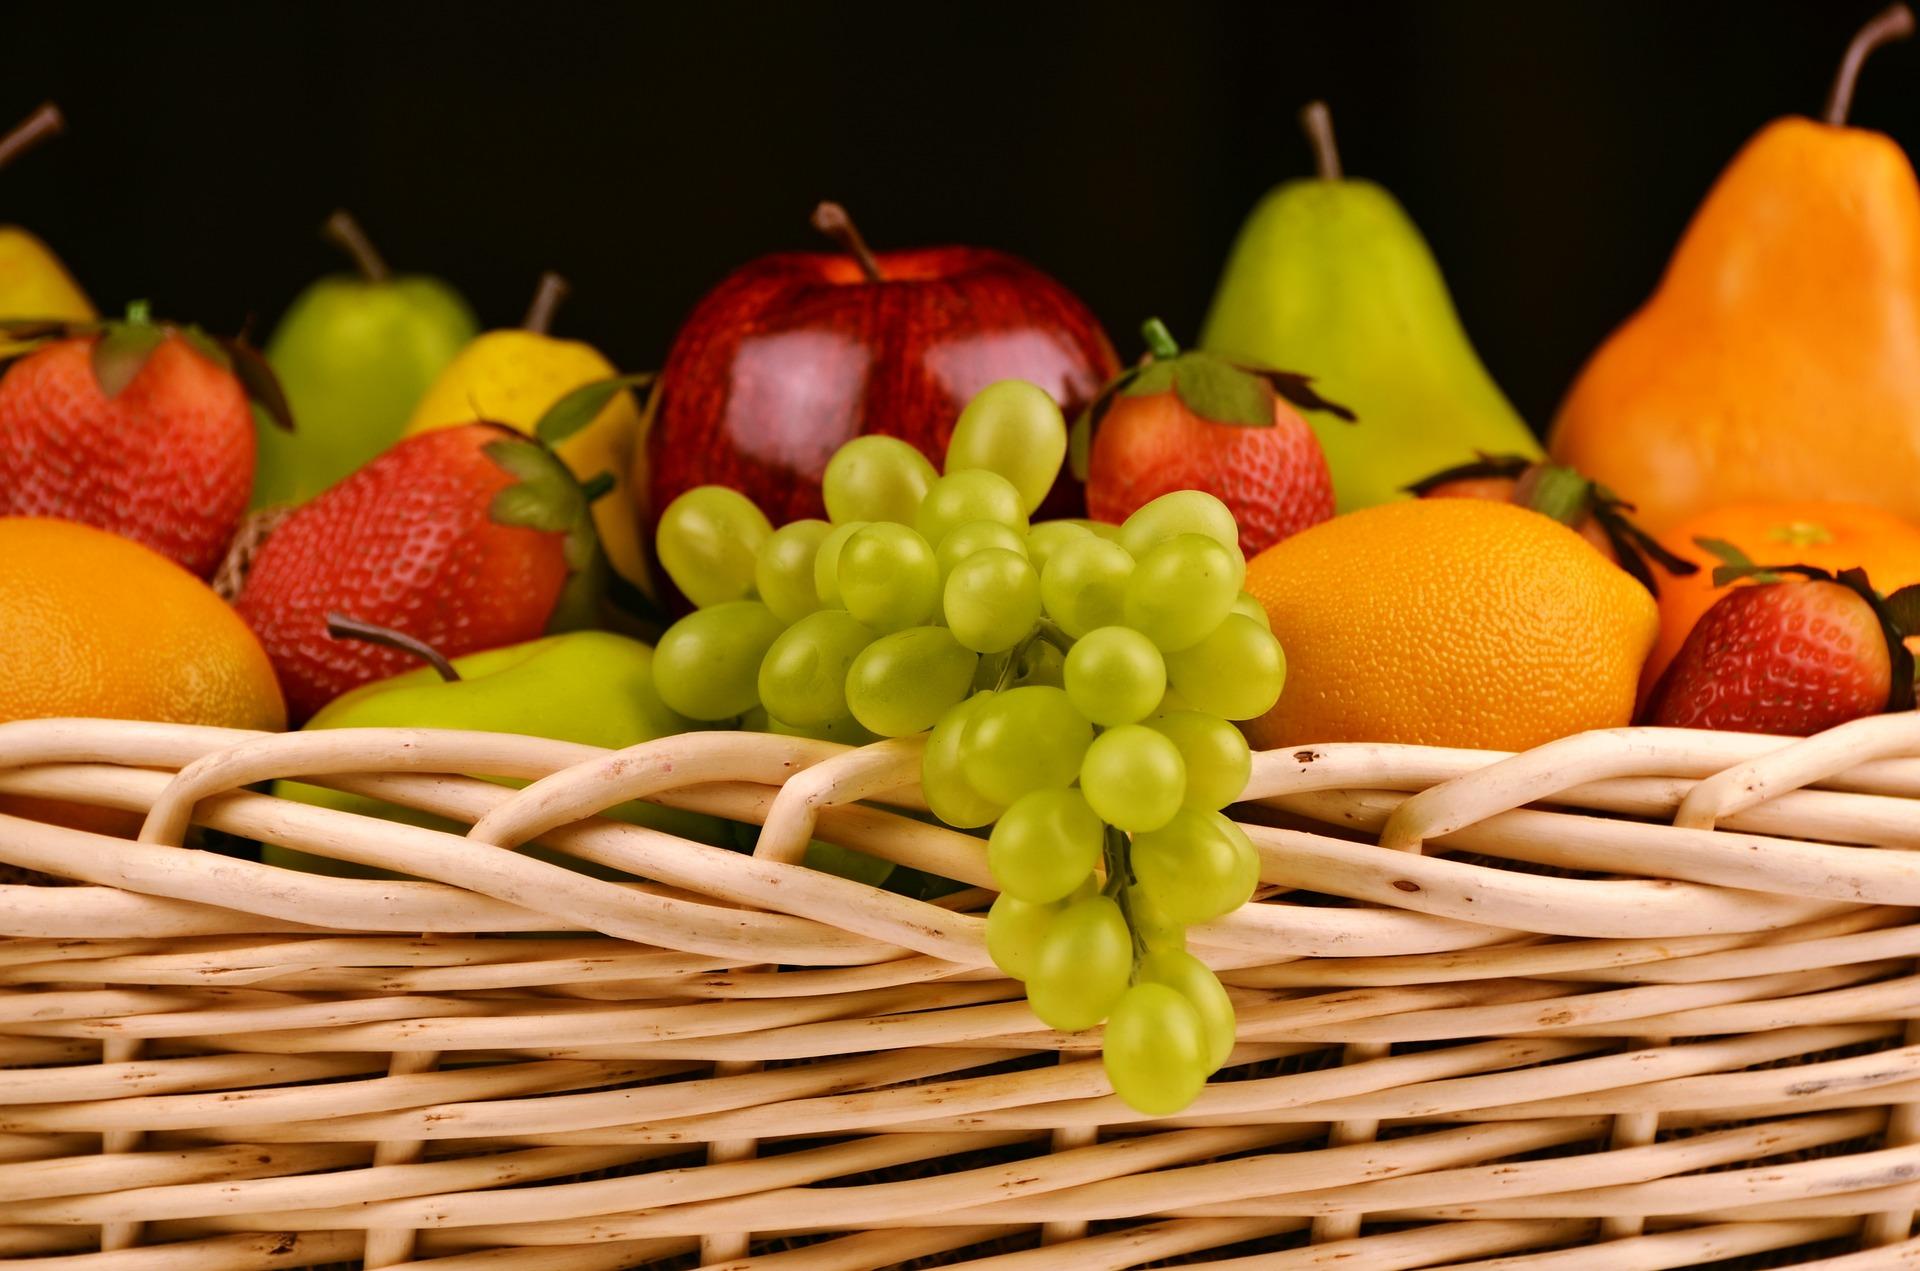 Kiedy pracodawca musi zapewnić posiłki dla zatrudnionych?